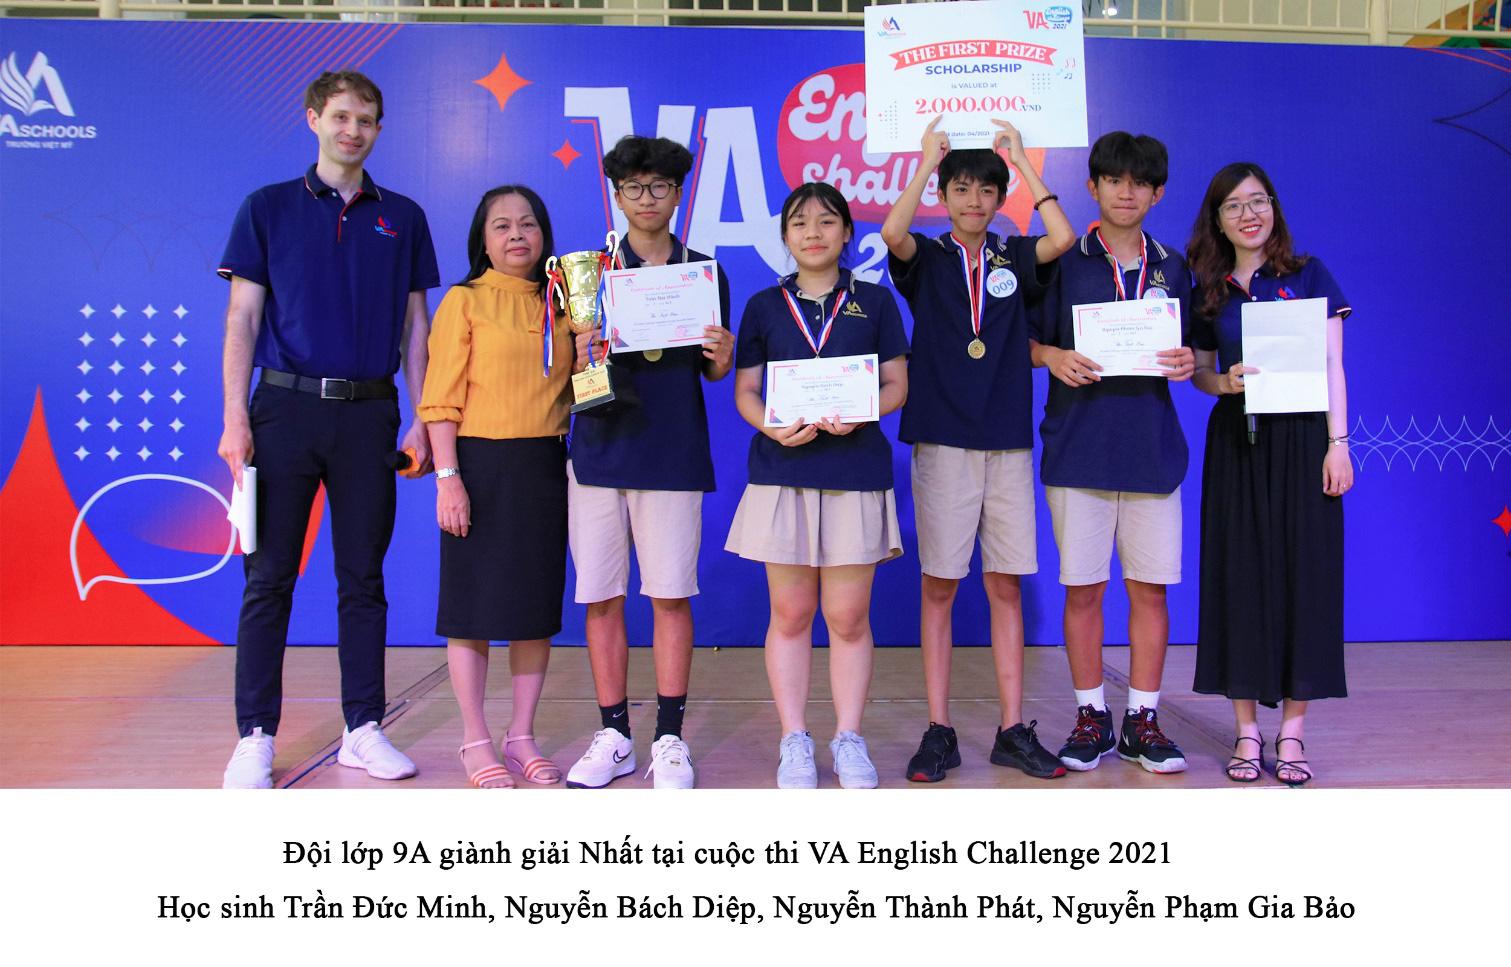 Những gương mặt trẻ tiêu biểu của trường Việt Mỹ Vũng Tàu - Ảnh 7.